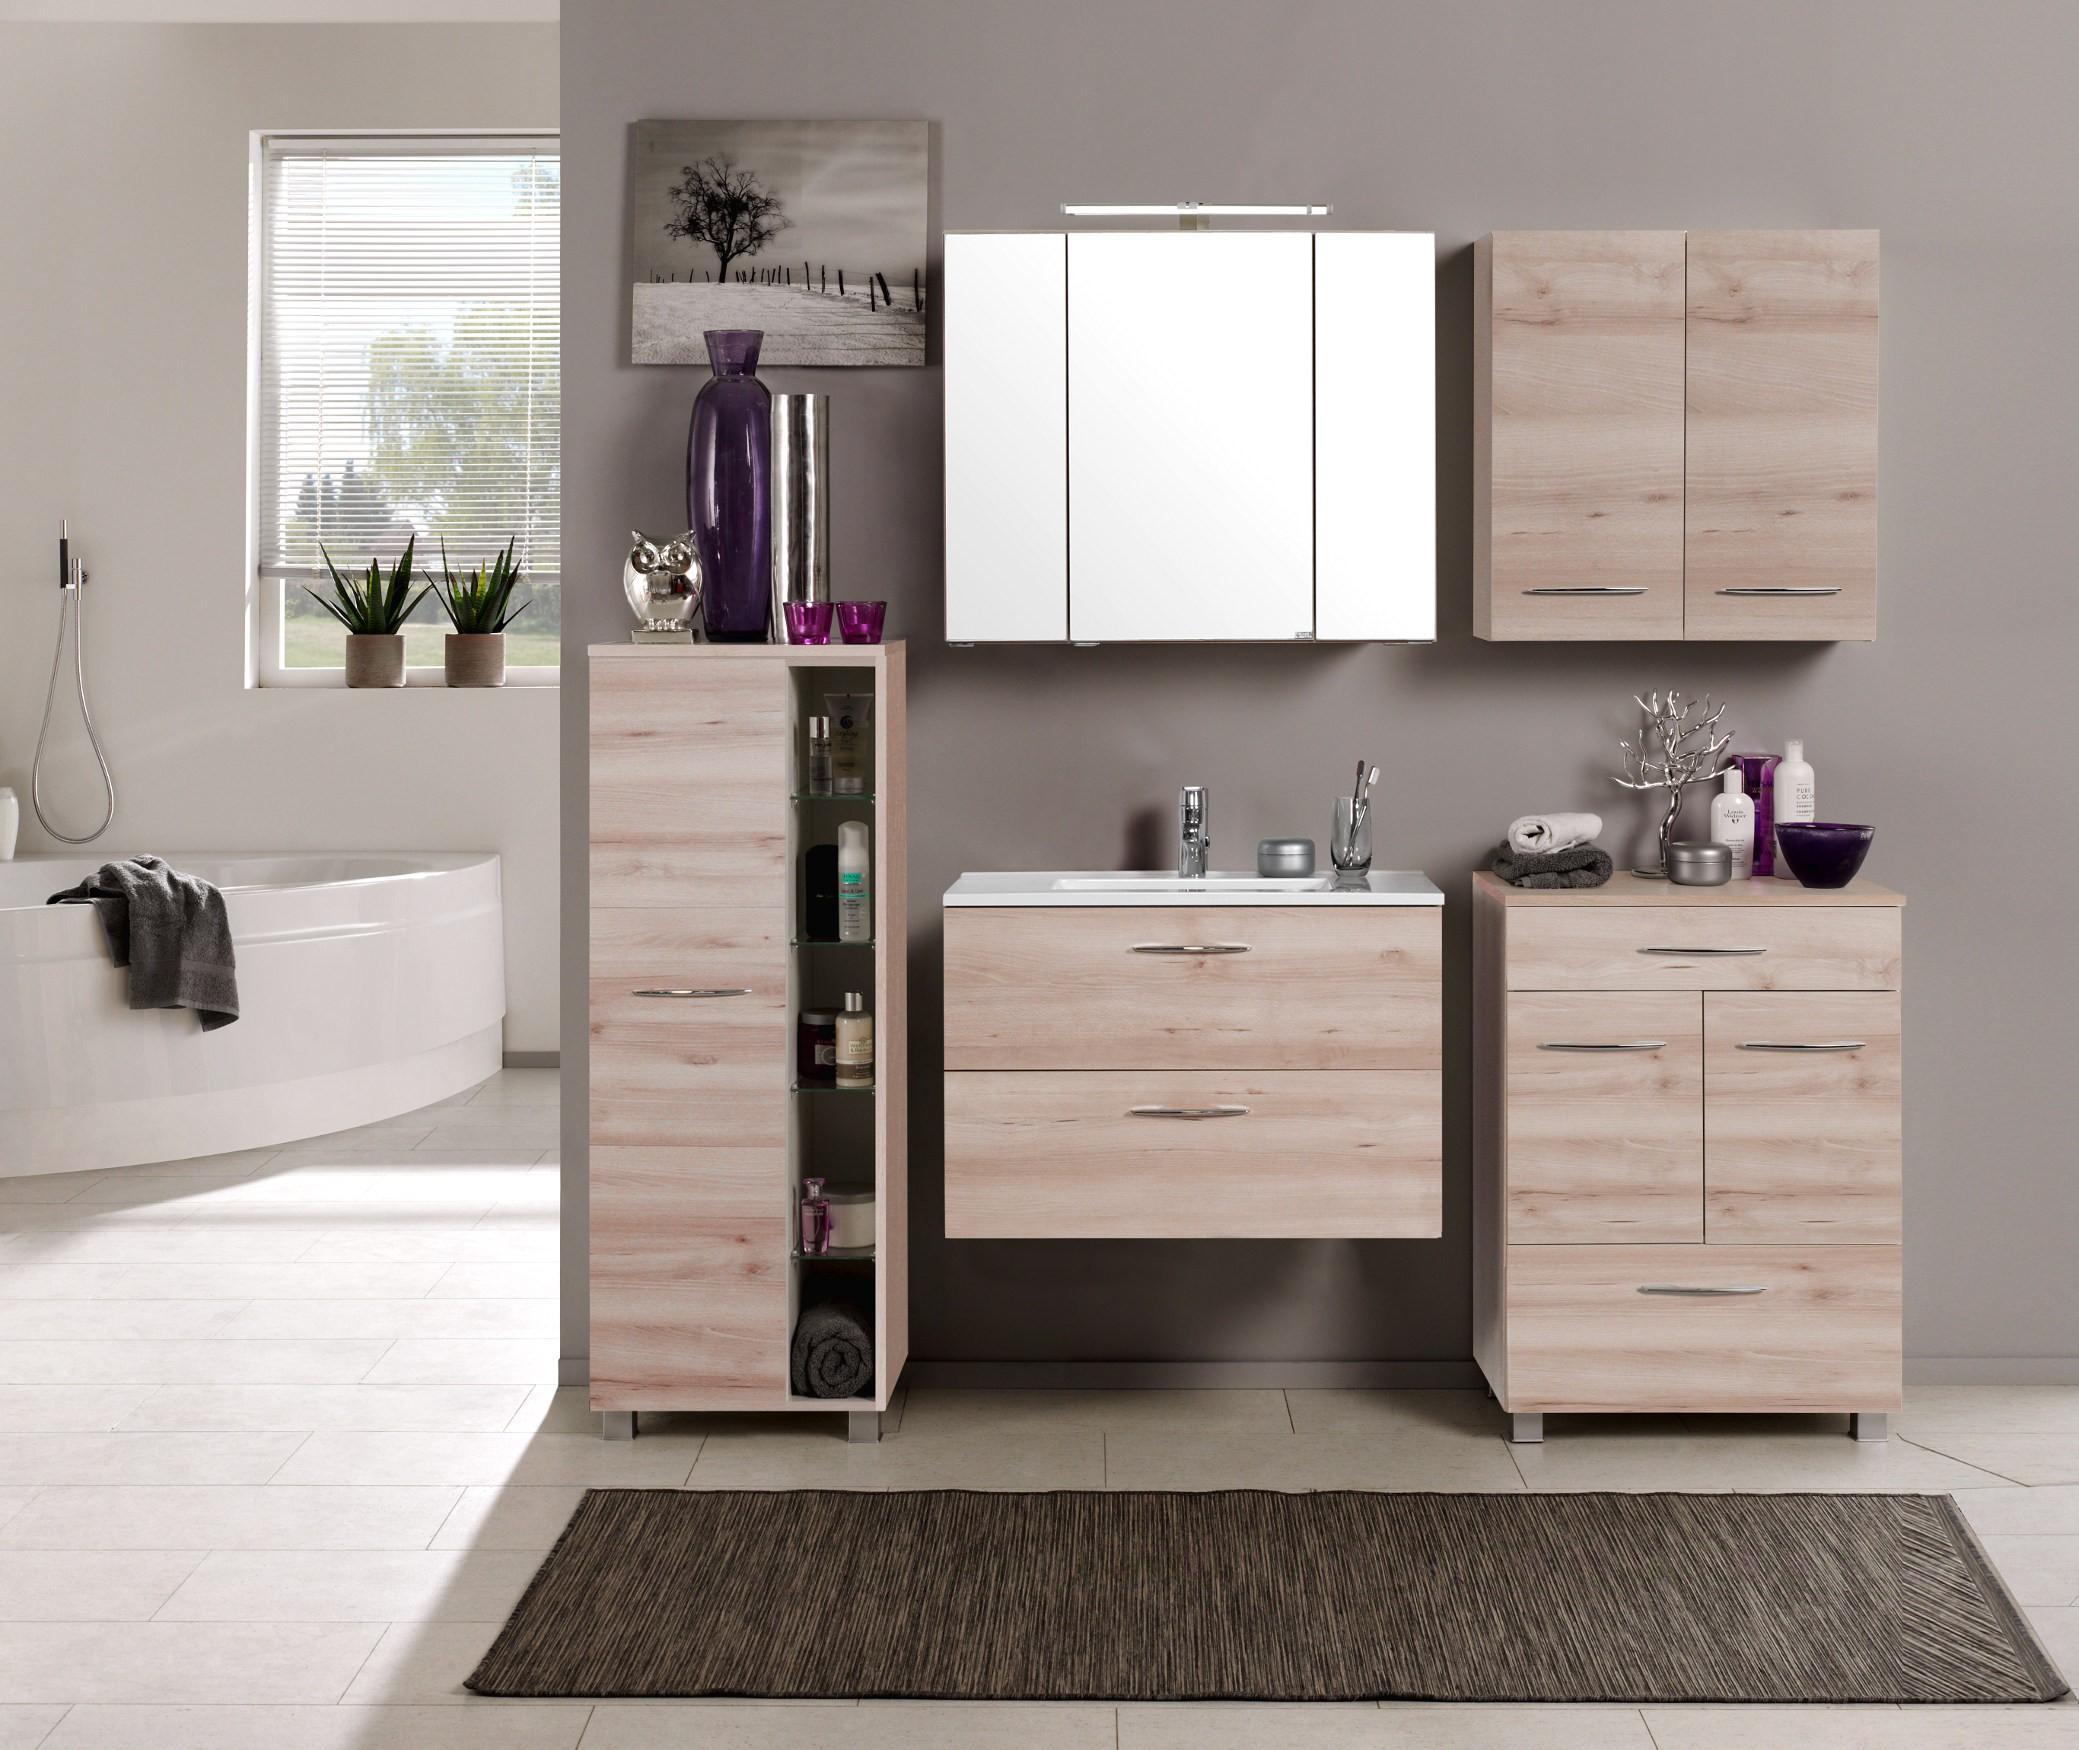 badm bel set portofino mit waschtisch 7 teilig 185 cm breit buche iconic bad badm belsets. Black Bedroom Furniture Sets. Home Design Ideas